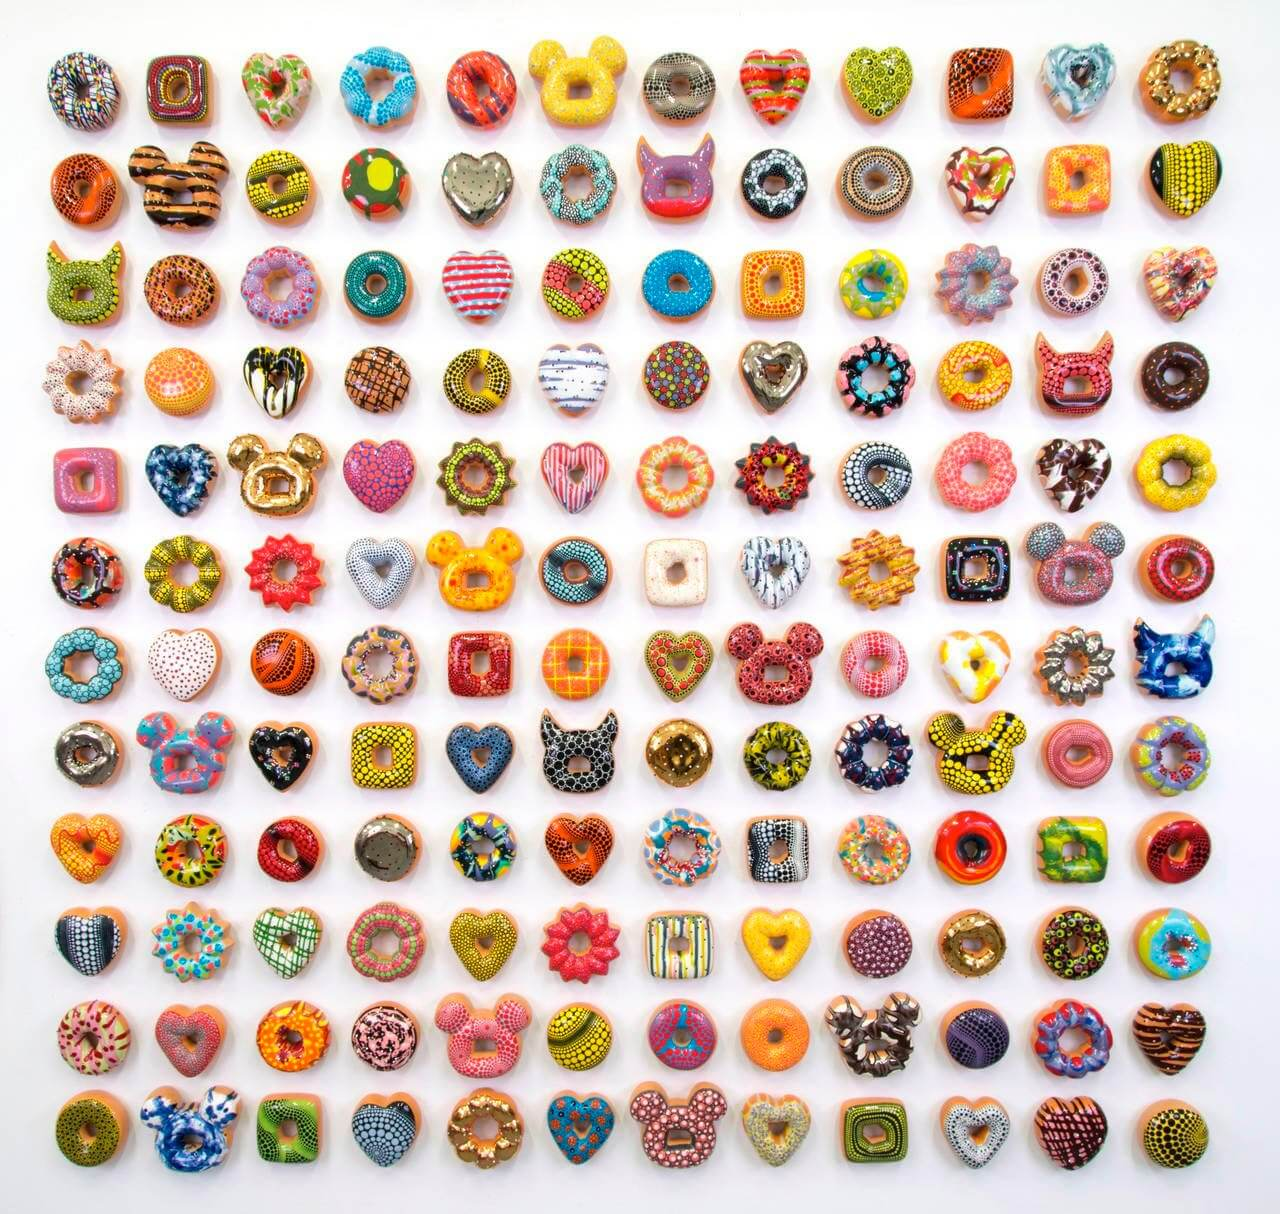 Ceramic Donuts Jae Yong Kim (1)